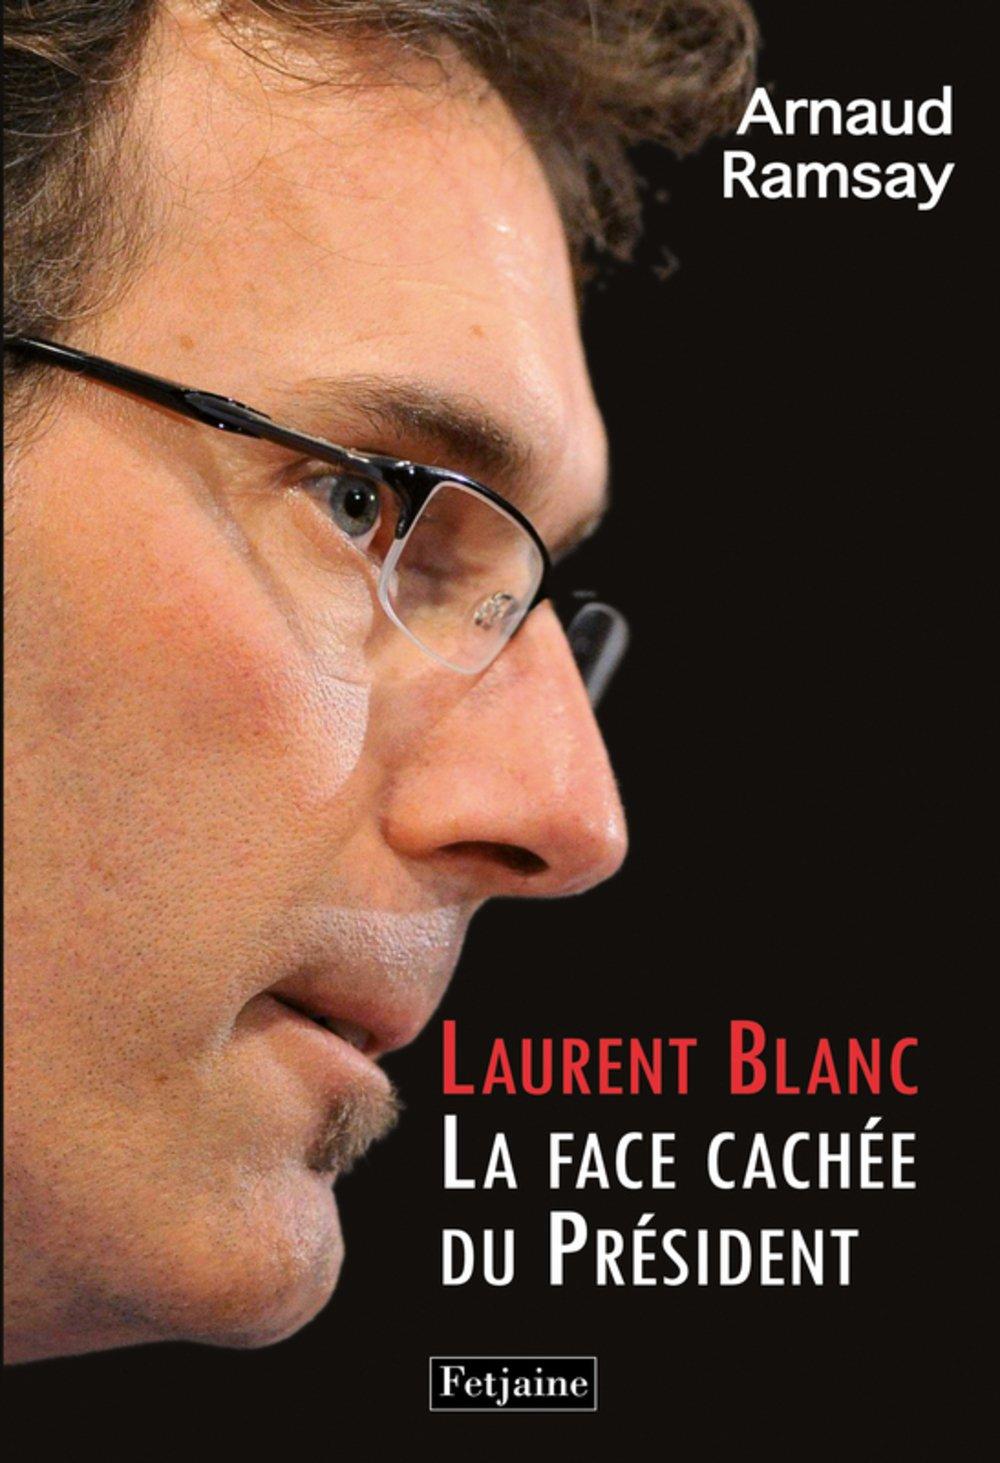 Laurent Blanc : La Face cachee du President